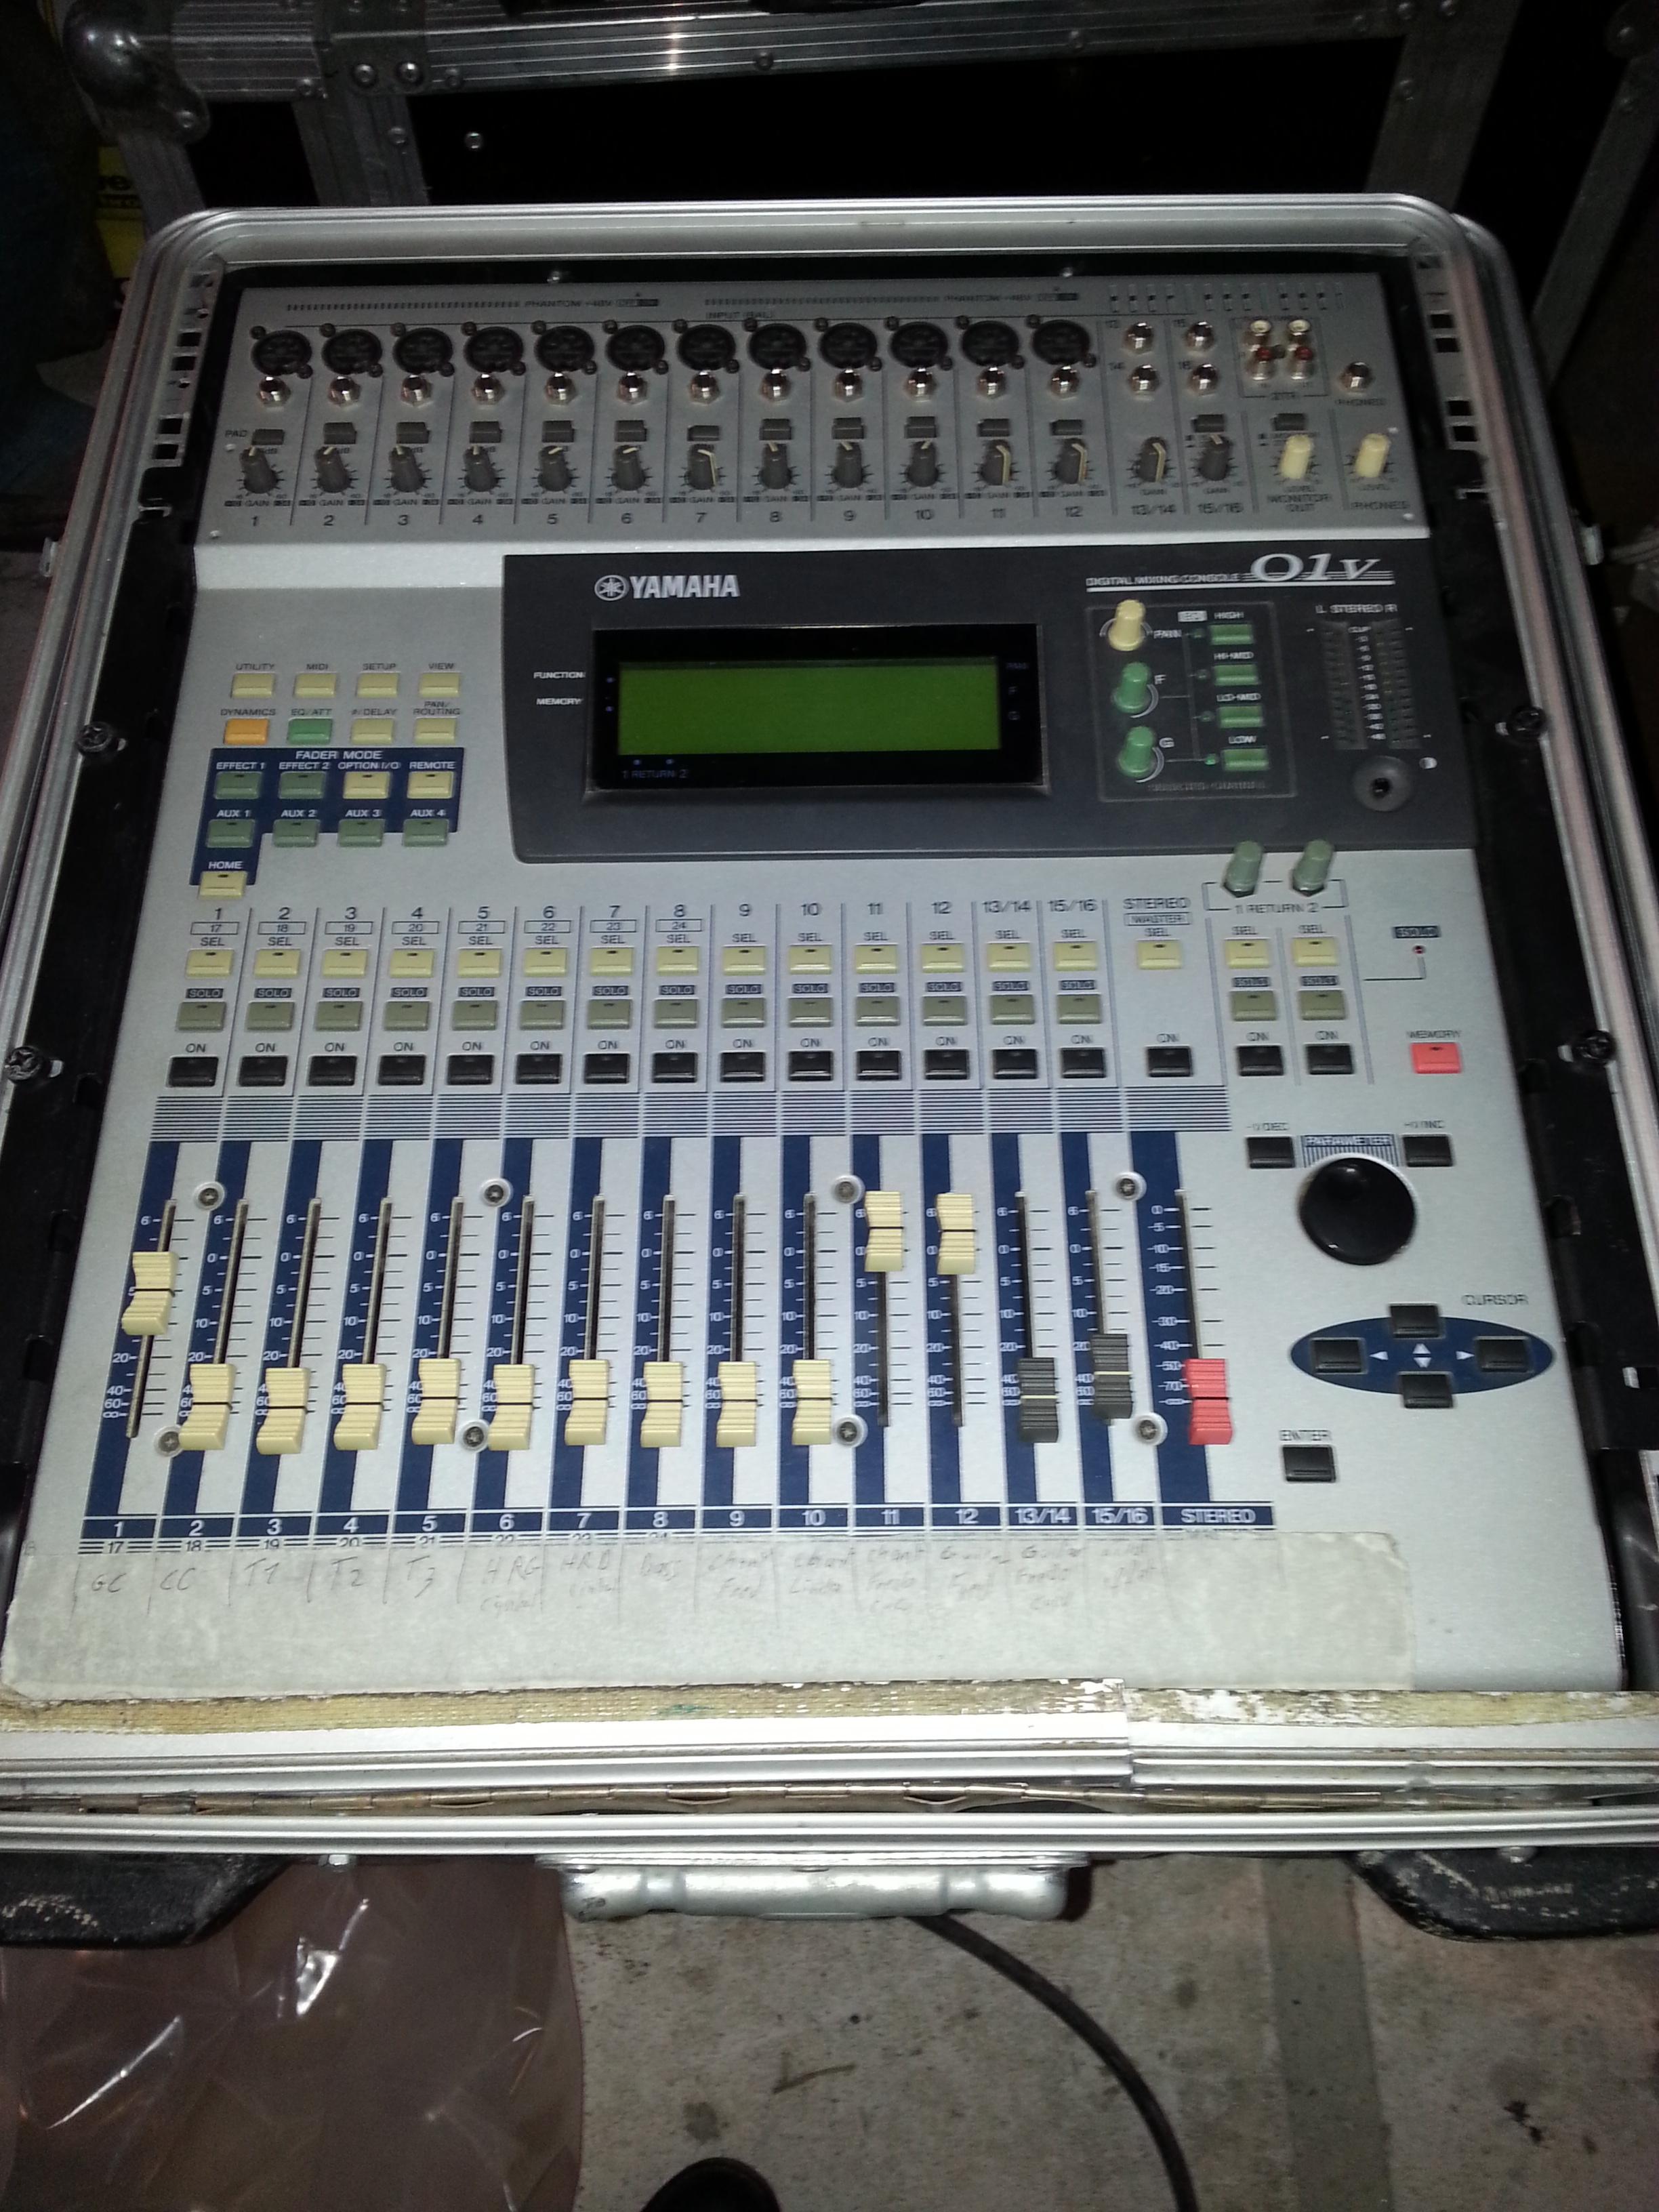 Table de mixage numerique yamaha 01v languedoc roussillon - Table de mixage numerique yamaha ...